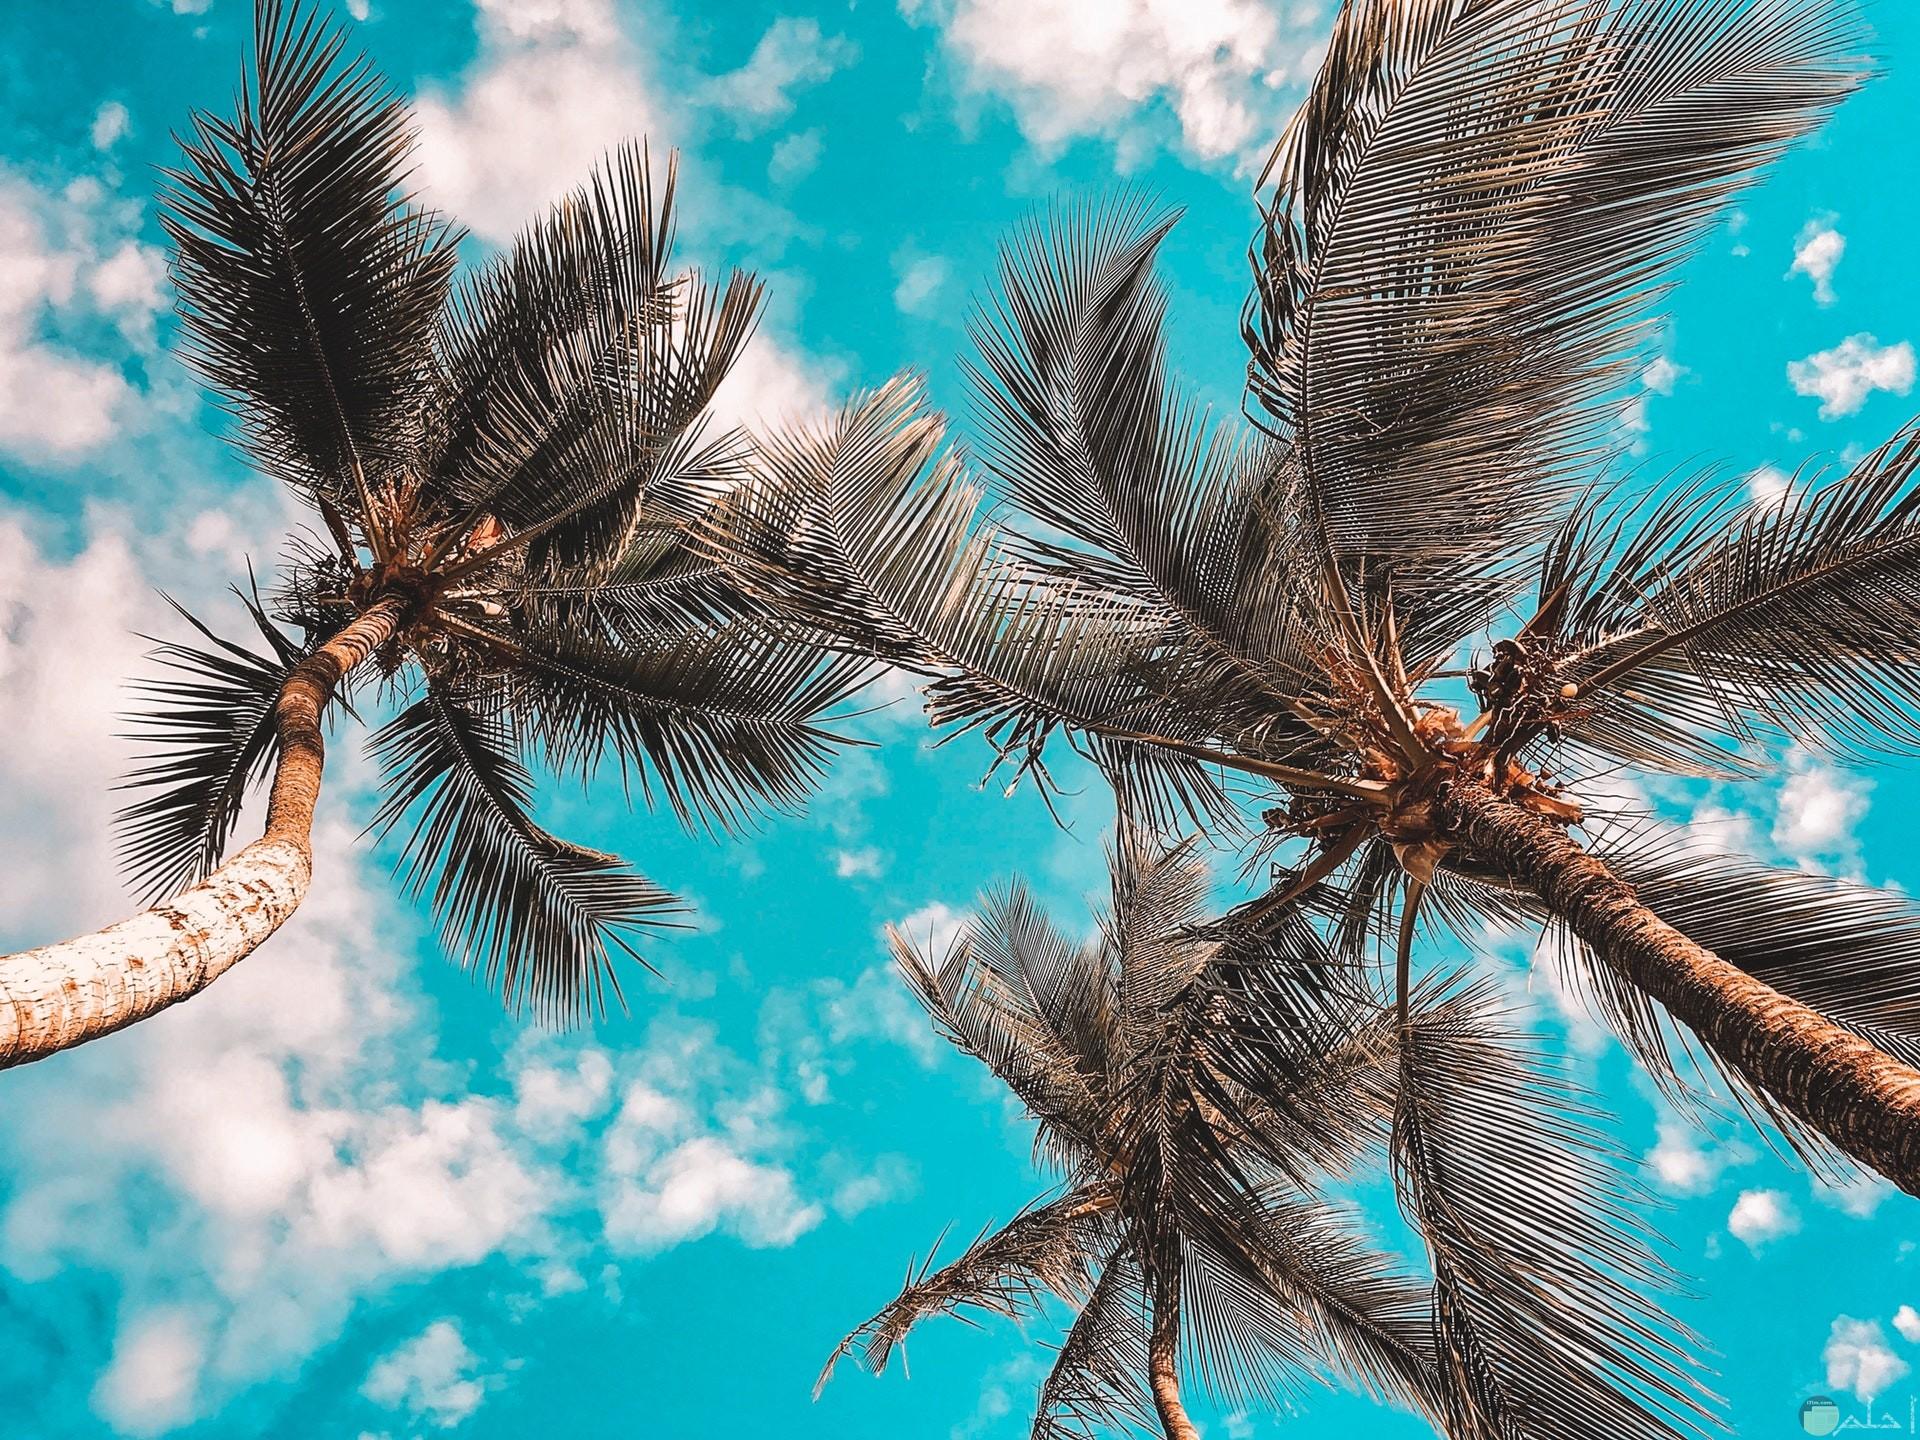 صورة حلوة جدا للسماء الصافية في جو مشمس مع ثلاث نخلات